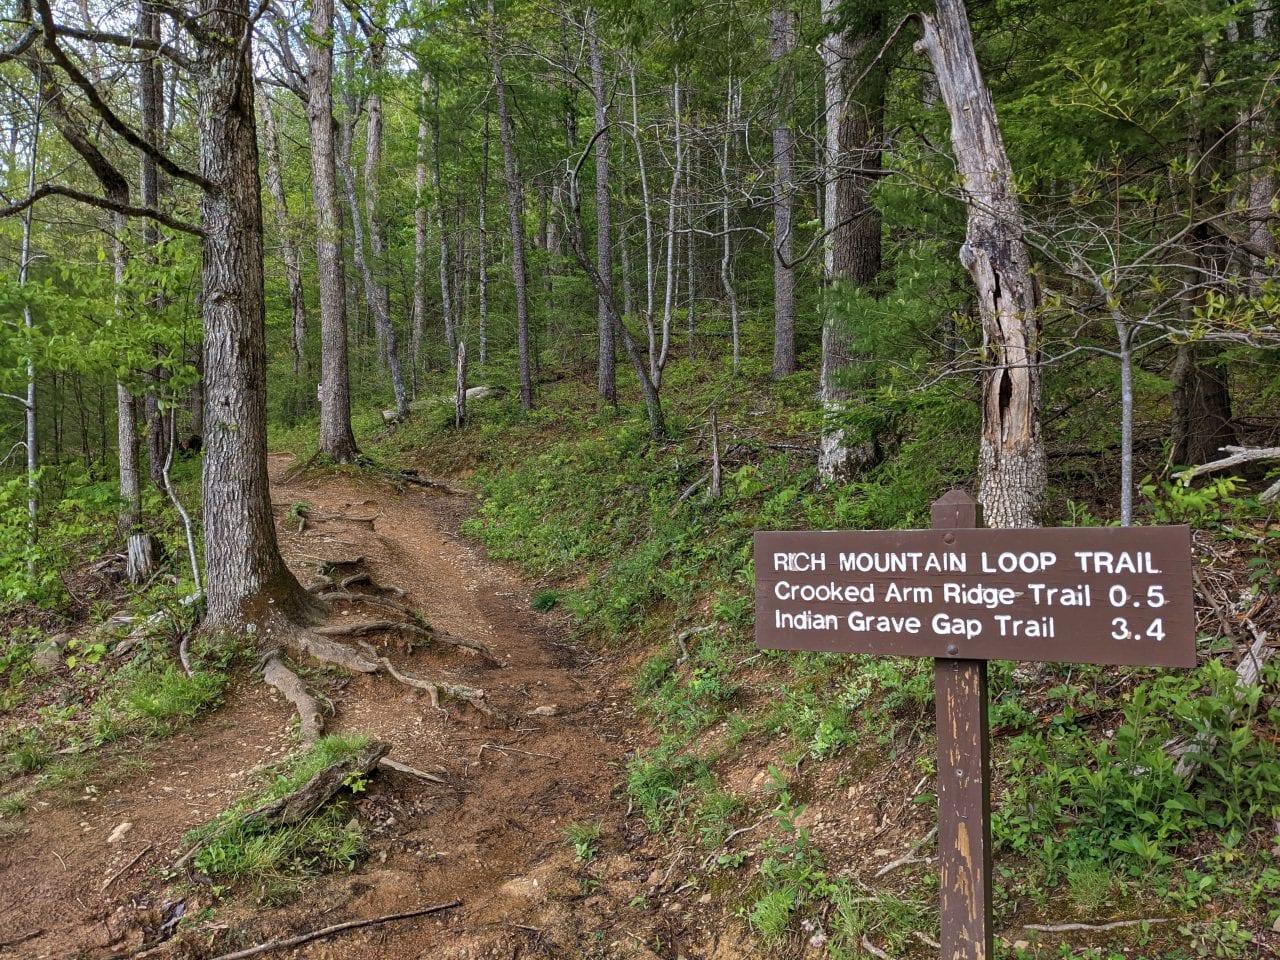 Rich Mountain Trailhead